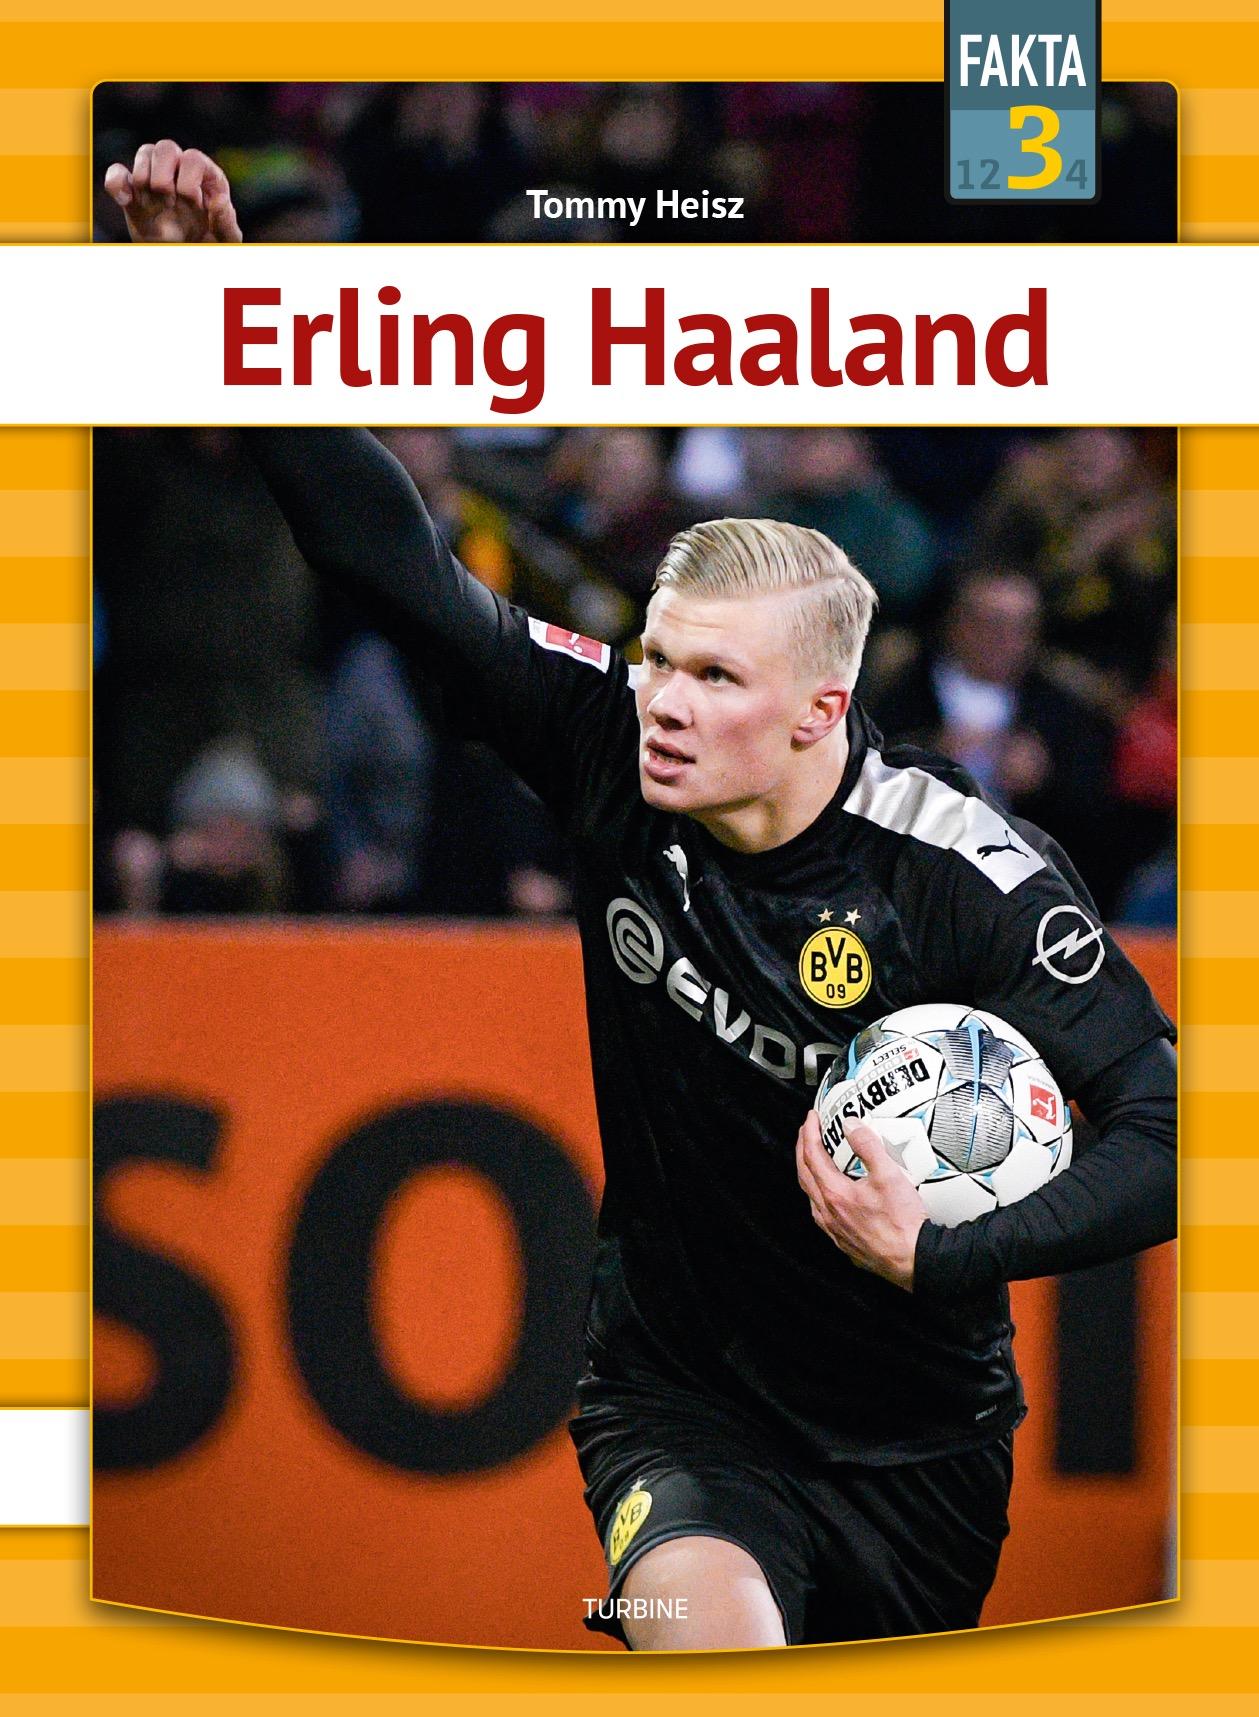 Erling Haaland